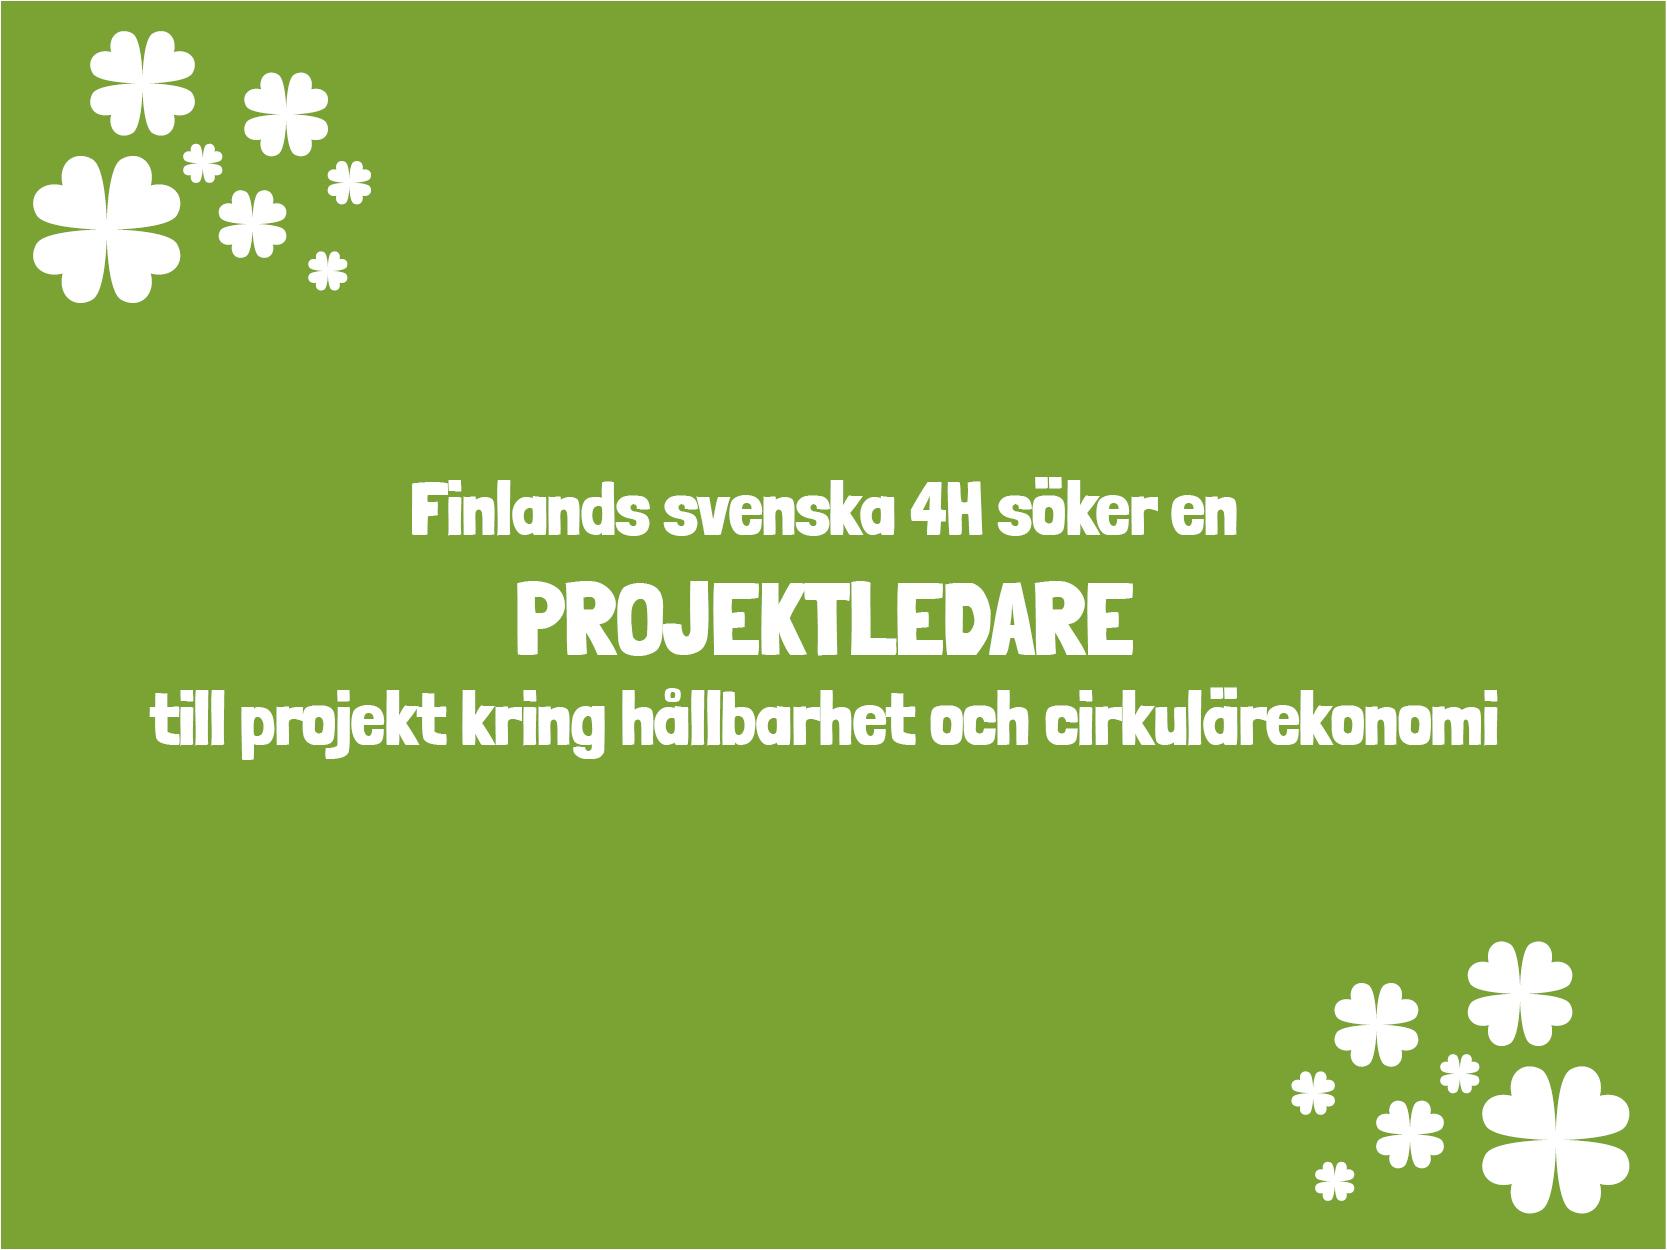 Finlands svenska 4H söker projektledare